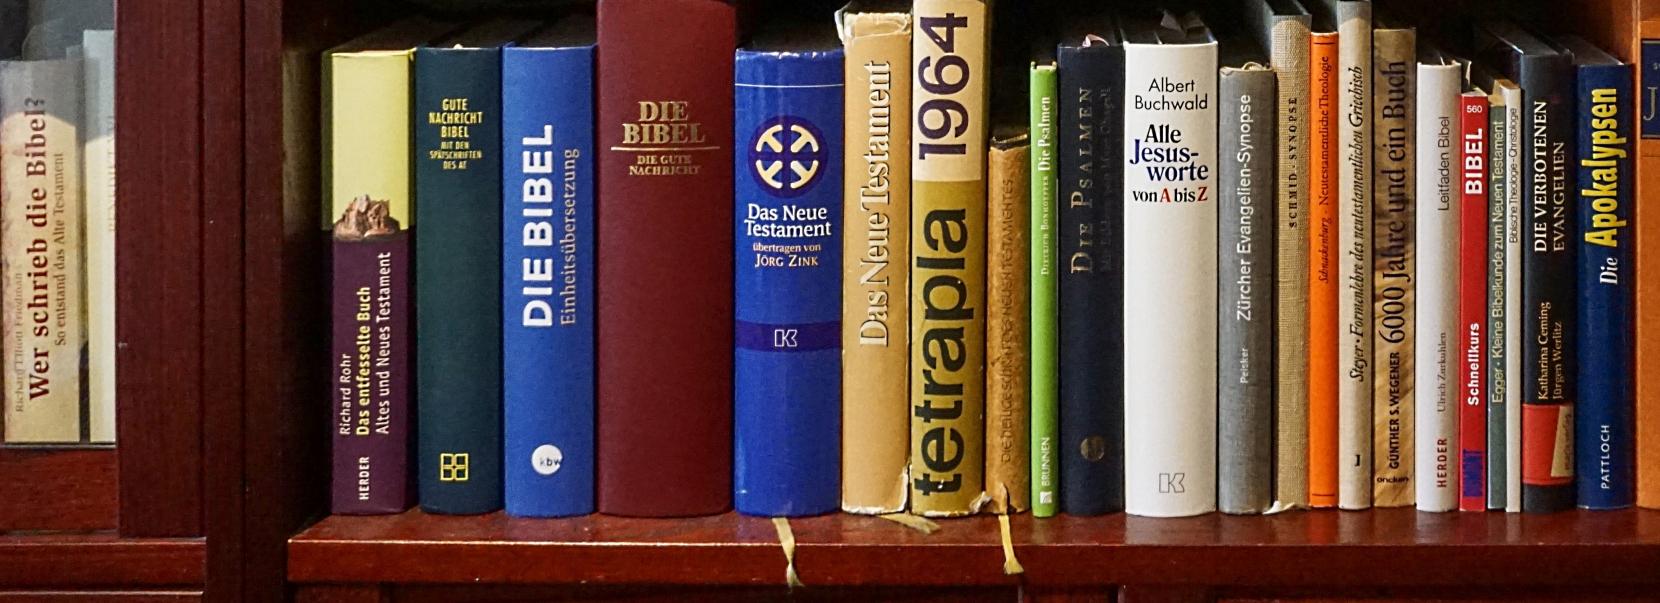 Ökumenischer Bibelkreis